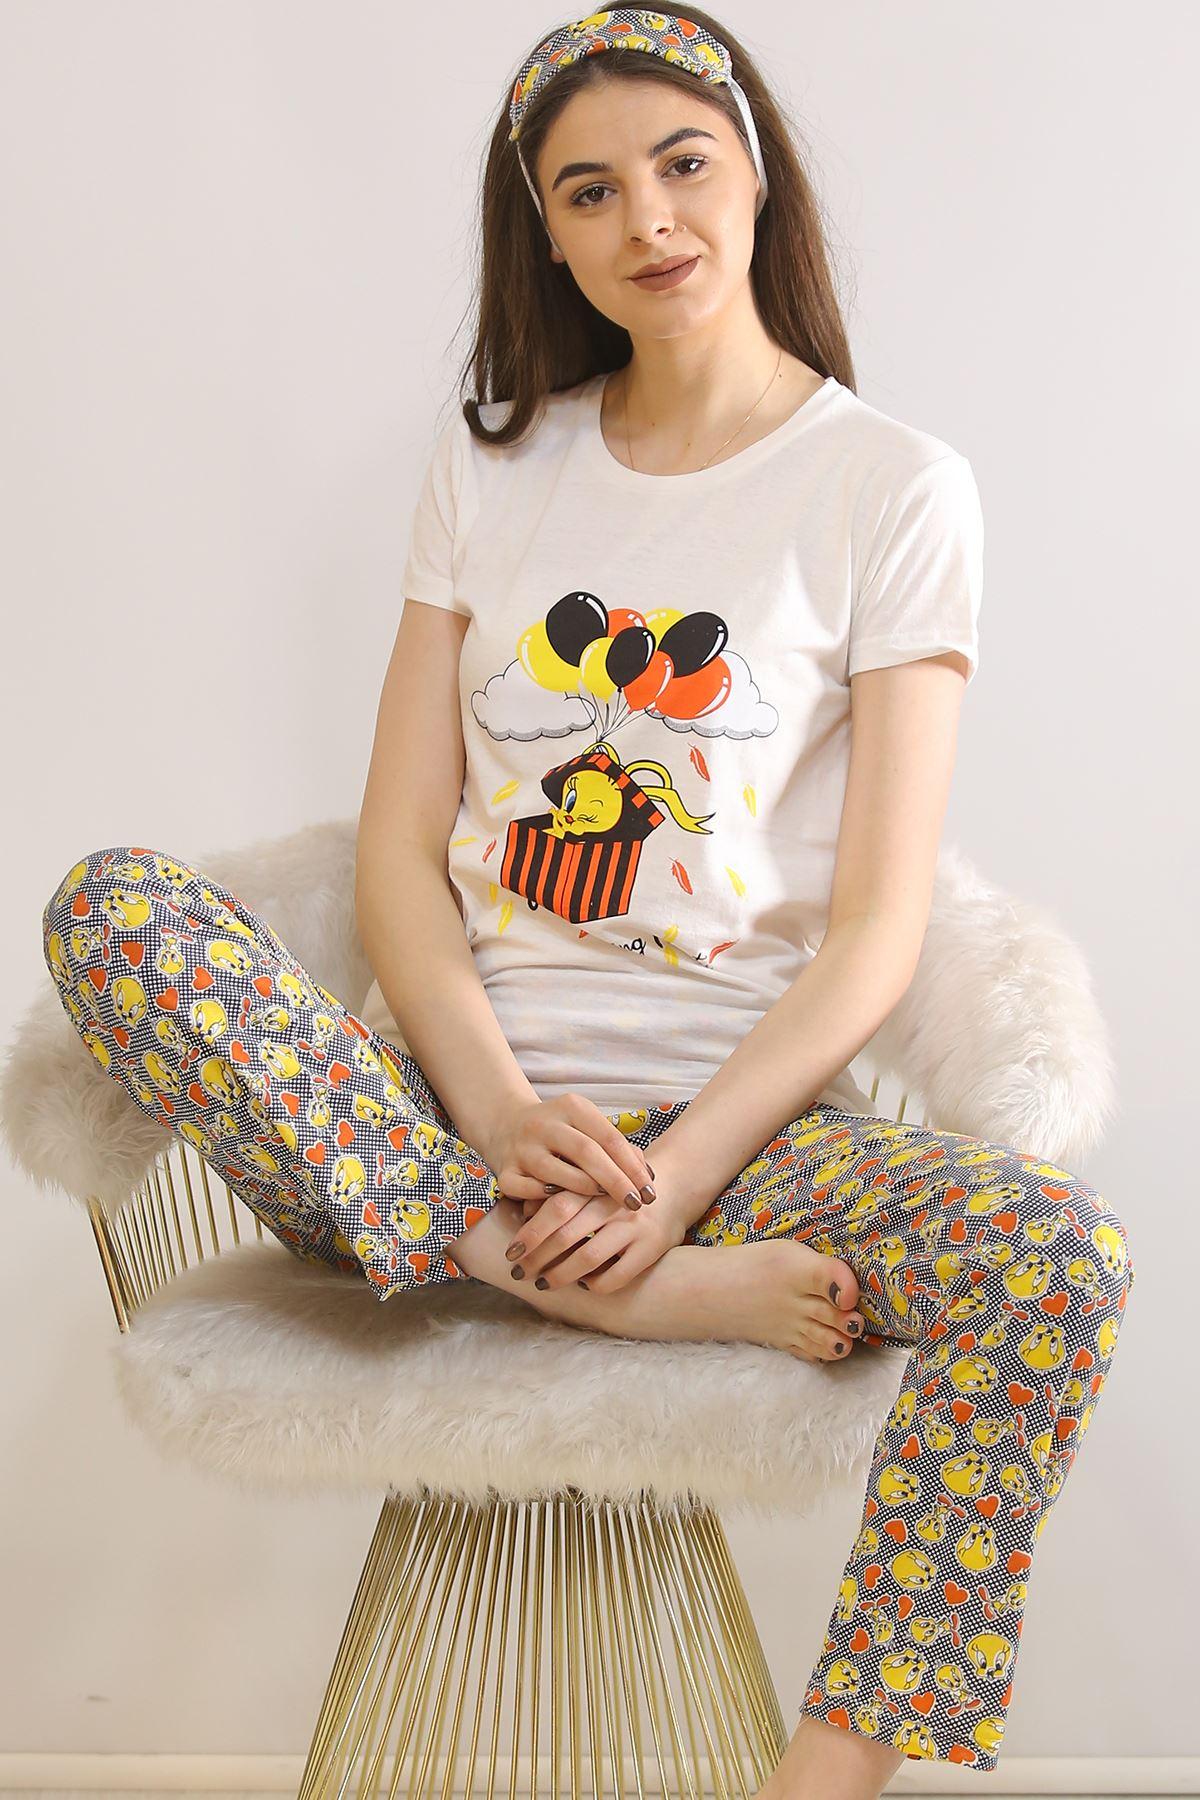 Baskılı Pijama Takımı Beyaz - 21827.1059.